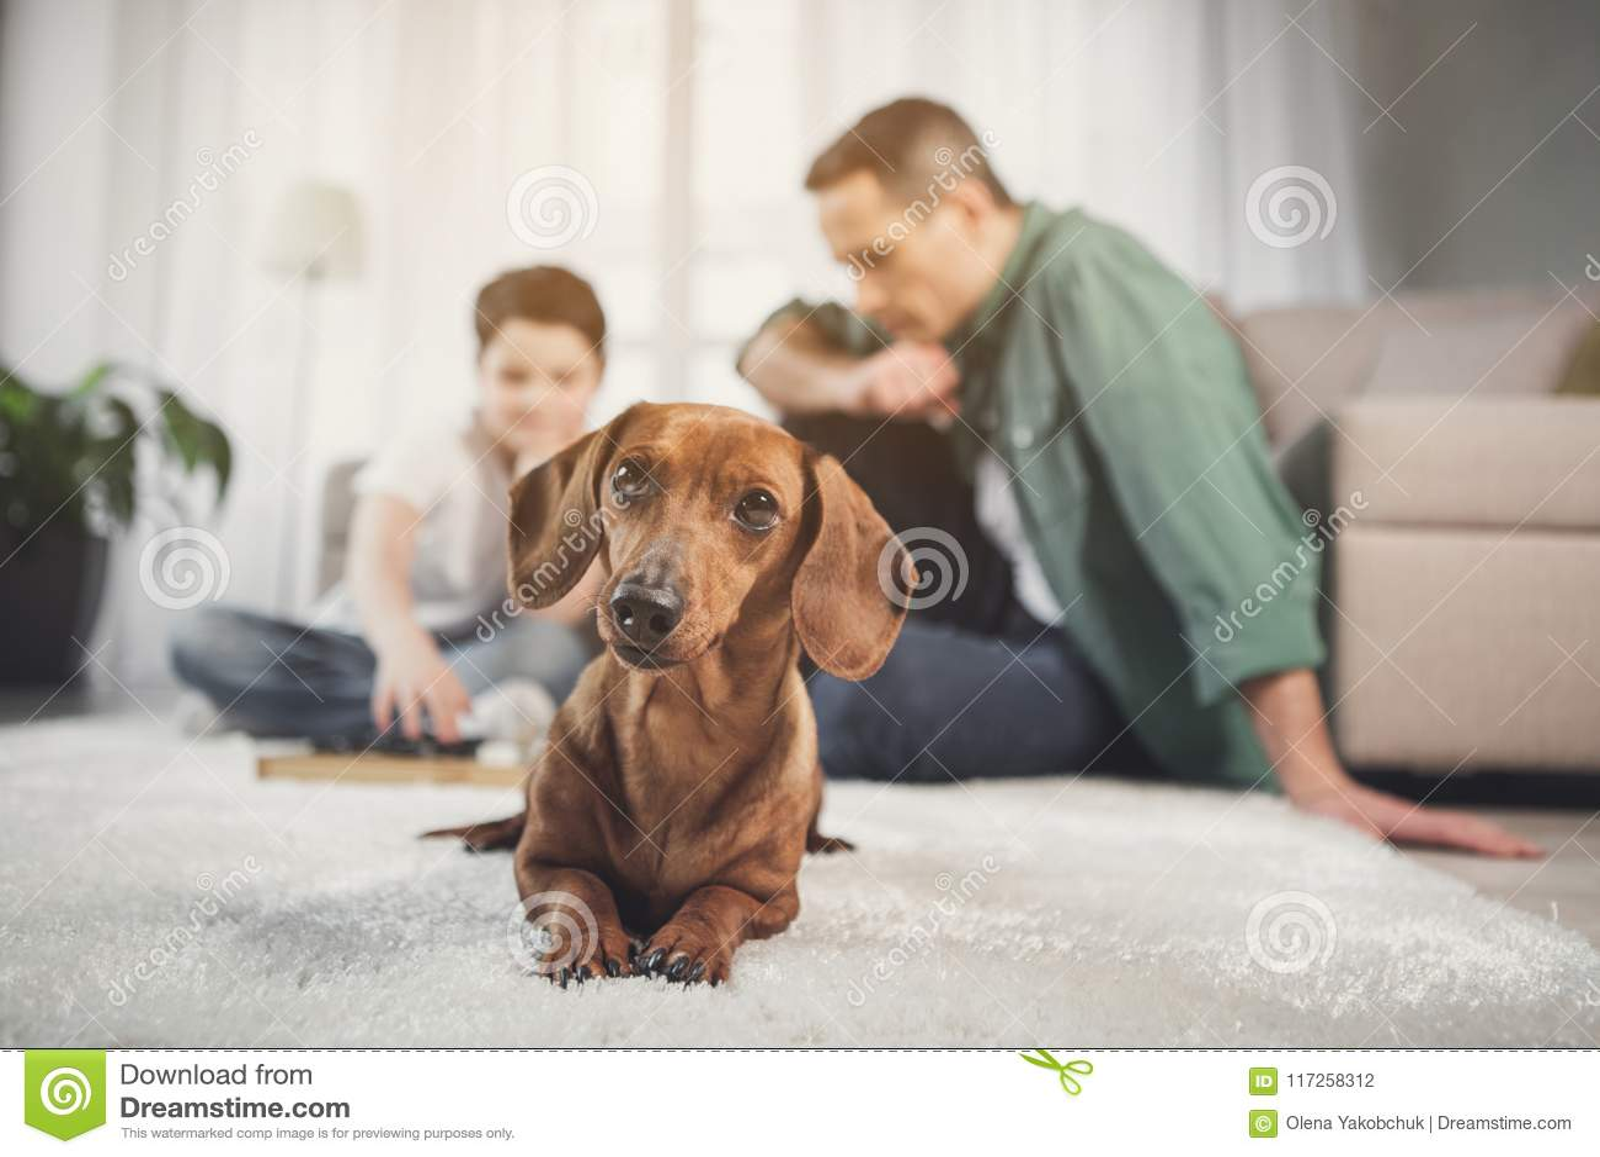 Chiot brun curieux se trouvant sur le tapis près des propriétaires